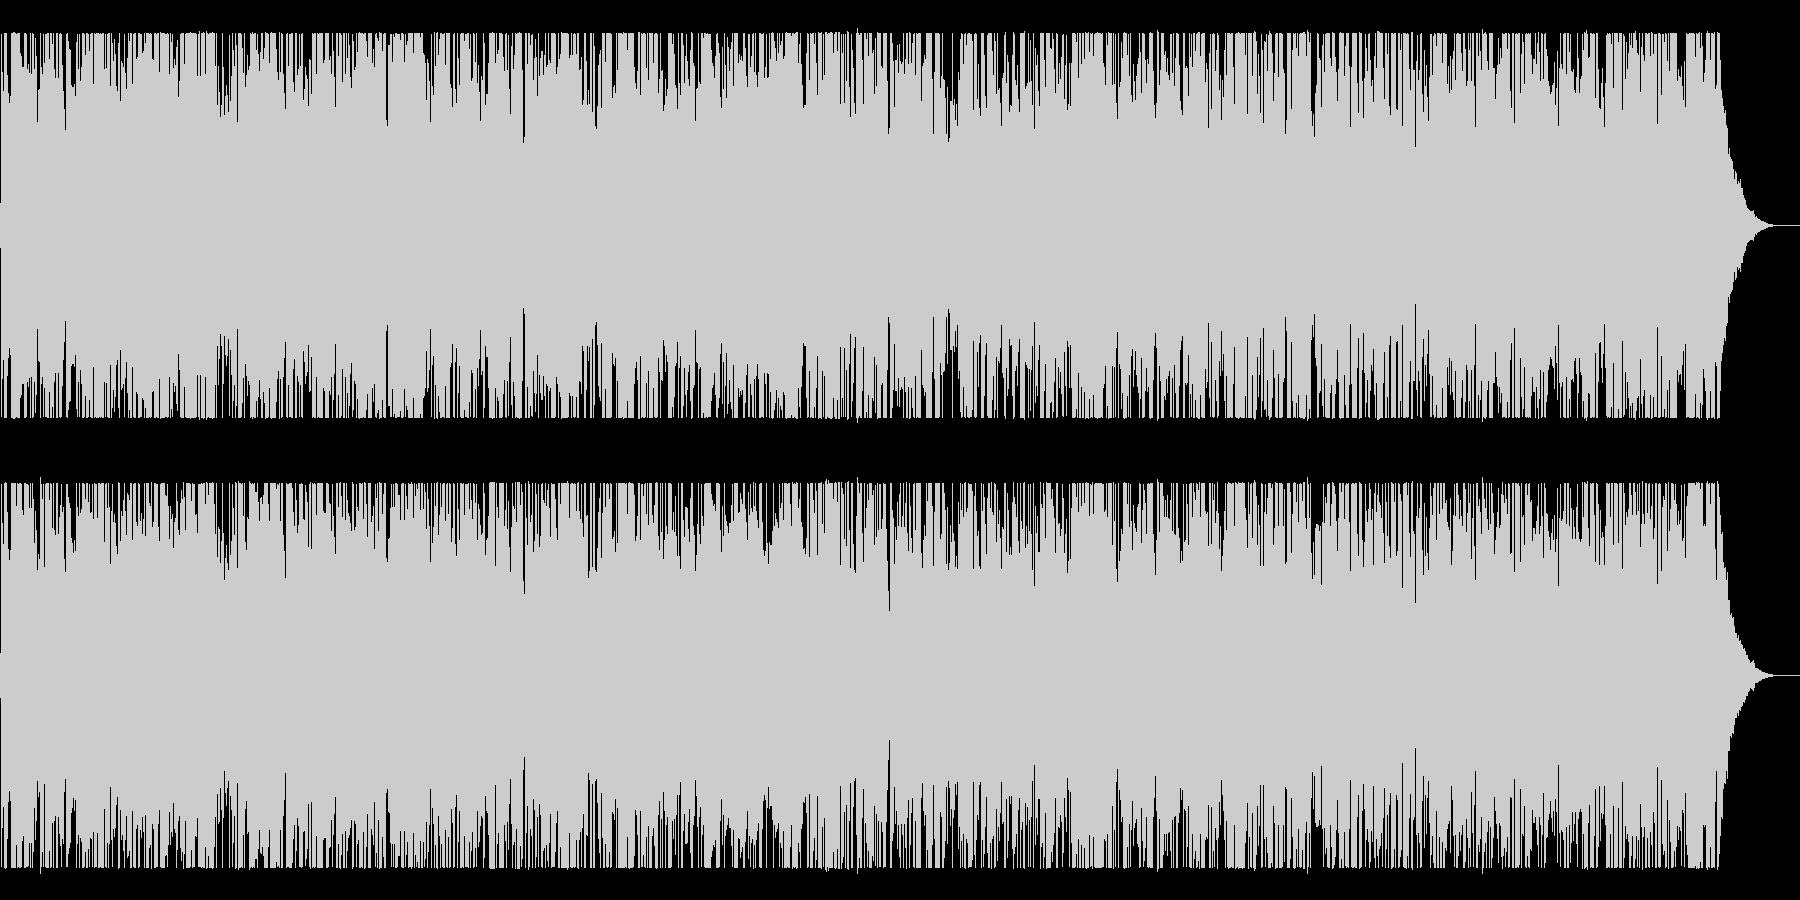 プロ生演奏アイリッシュケルトバイオリン3の未再生の波形